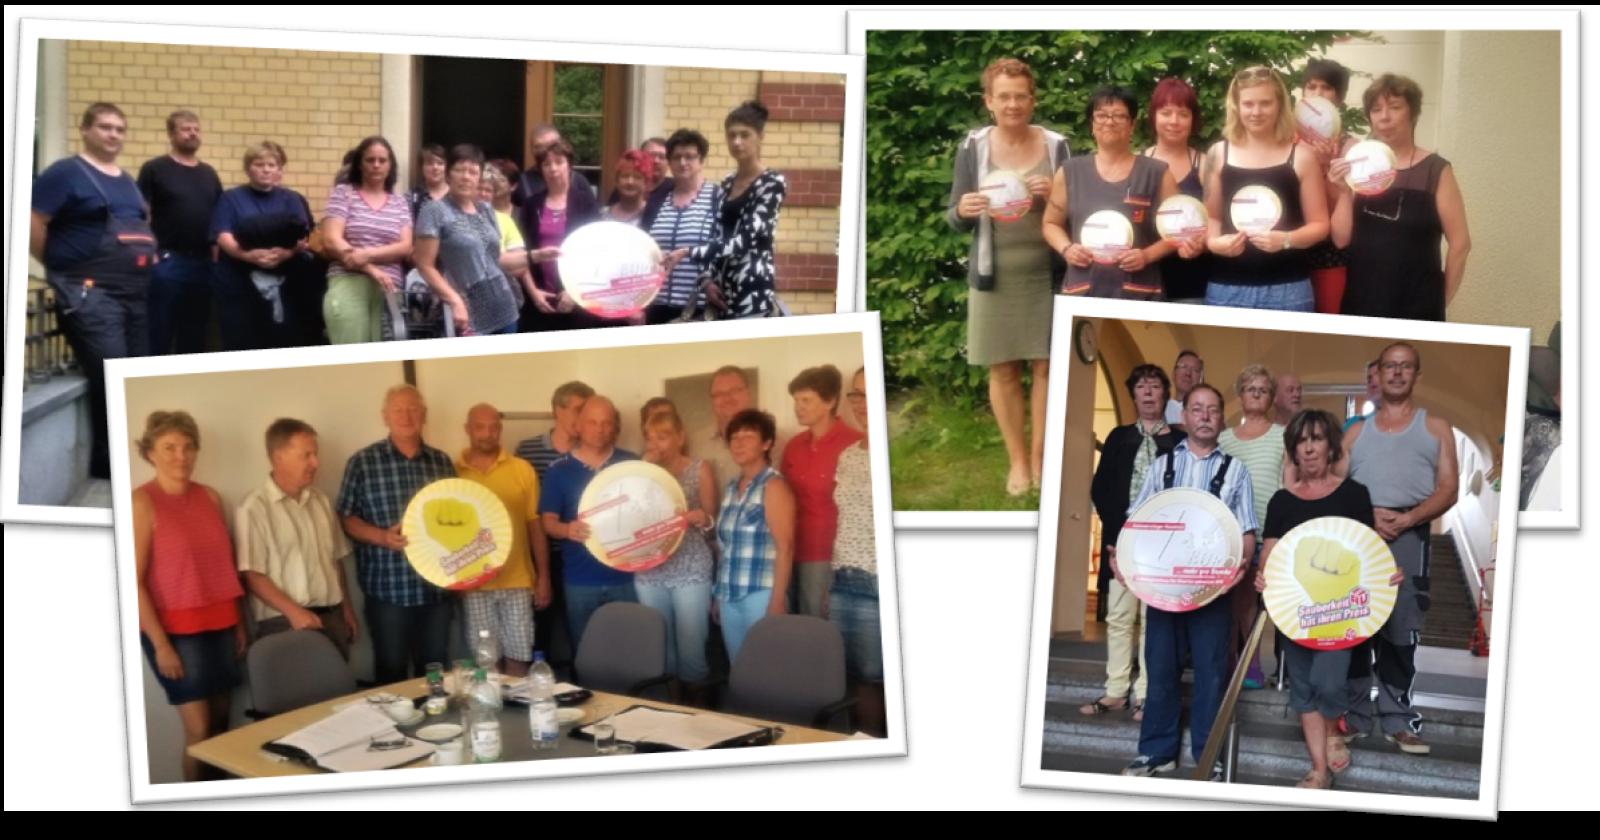 Piepenbrock- & Dussmann-KollegInnen aus Ostdeutschland unterstützen die Tarifforderungen der IG BAU